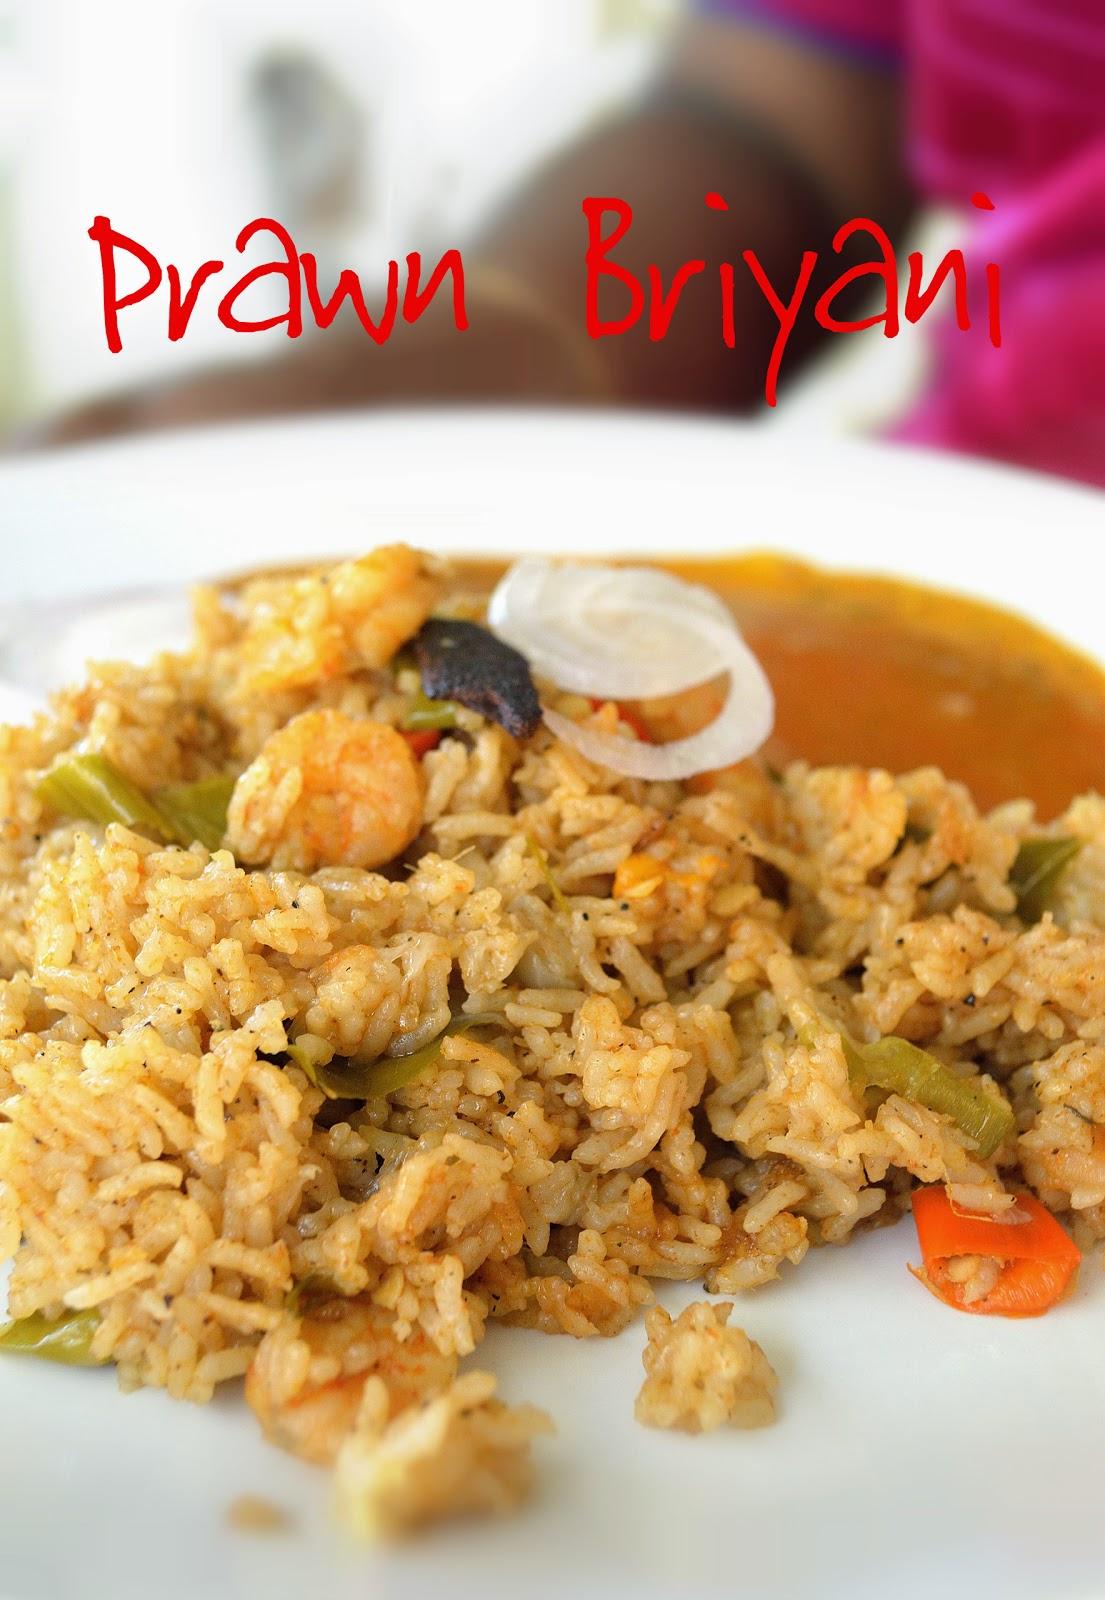 how to make prawn briyani, prawn briyani recipe, era briyani